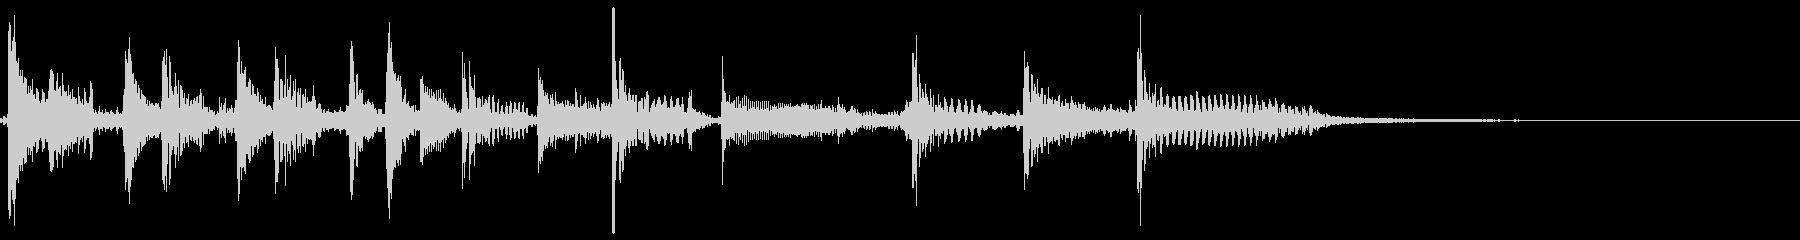 80'スラップベースのファンキージングルの未再生の波形